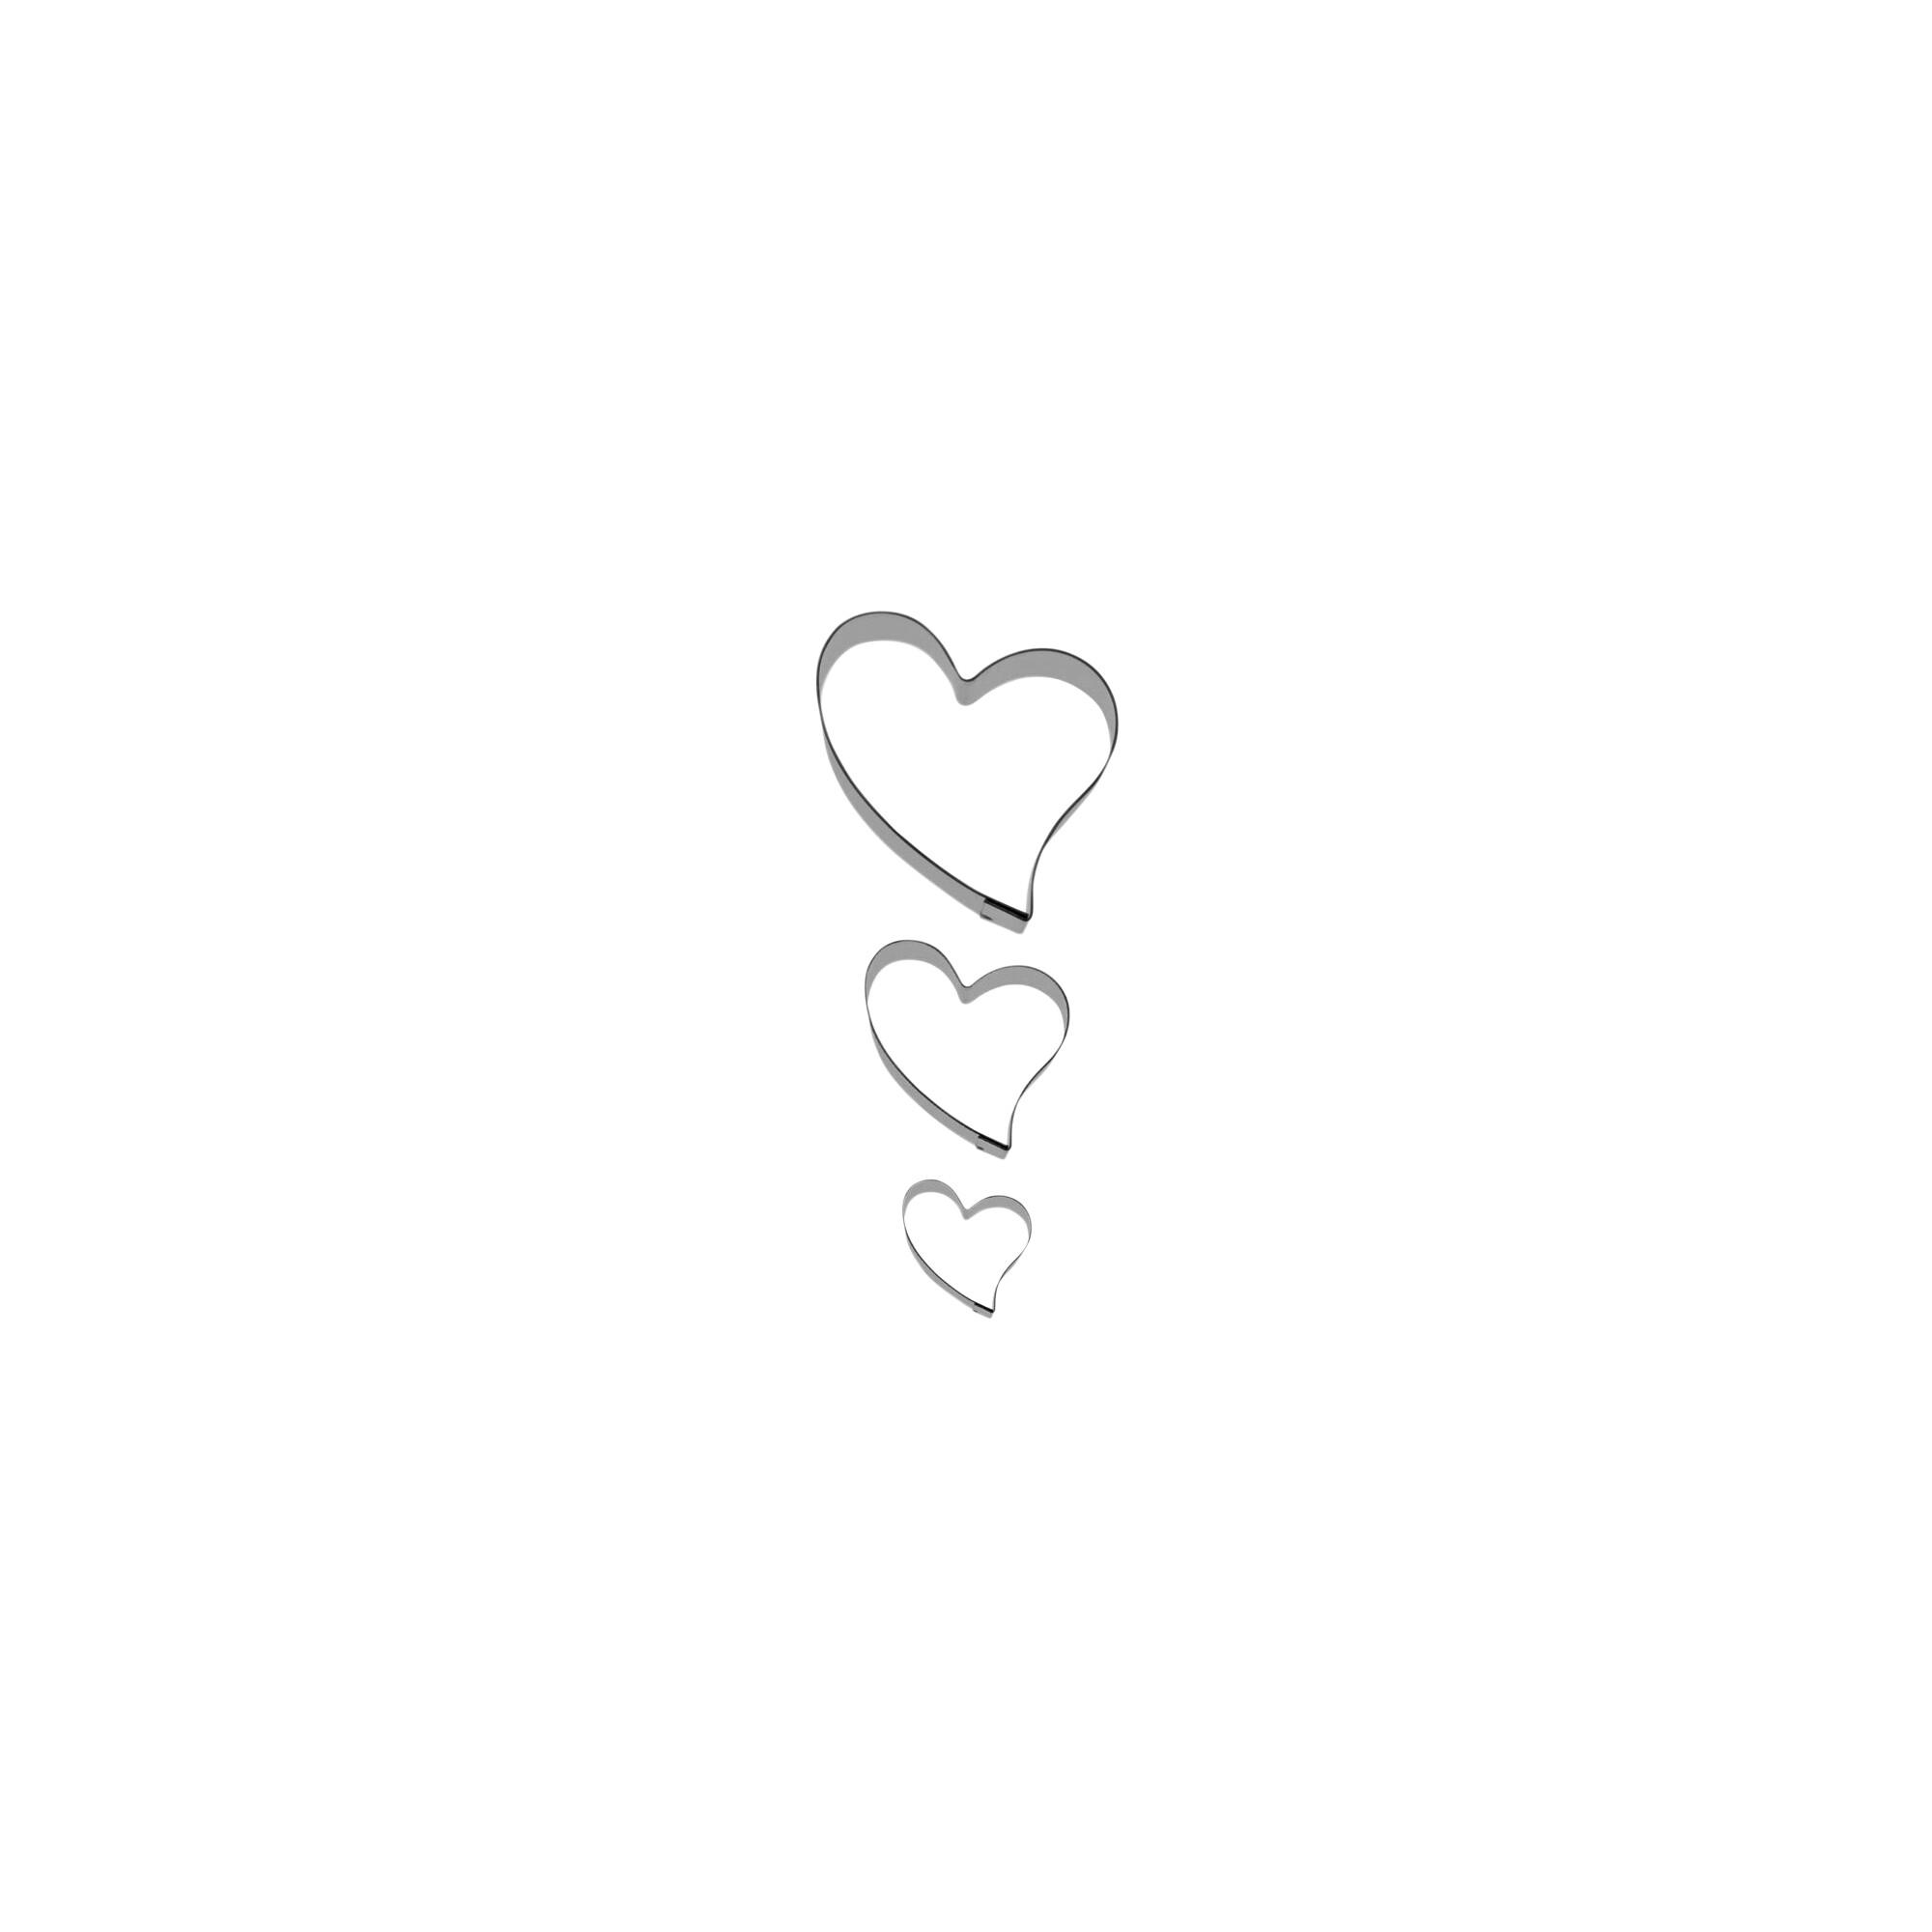 Ausstecher - Liebe - Set, 3-teilig